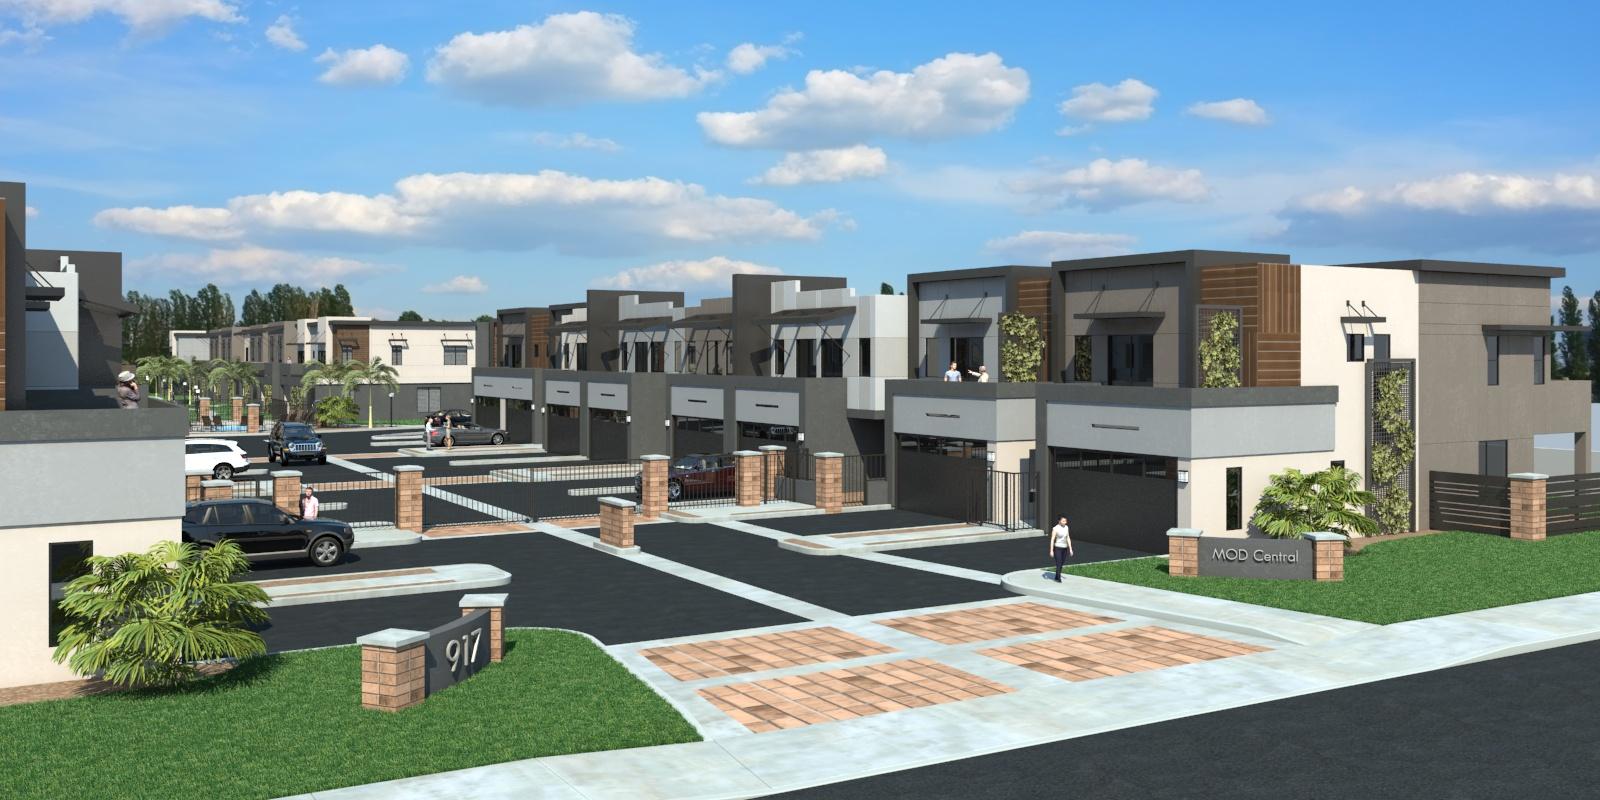 20160426 West Glen building 1&2 Townhome 3d rendering 1 (1).jpg